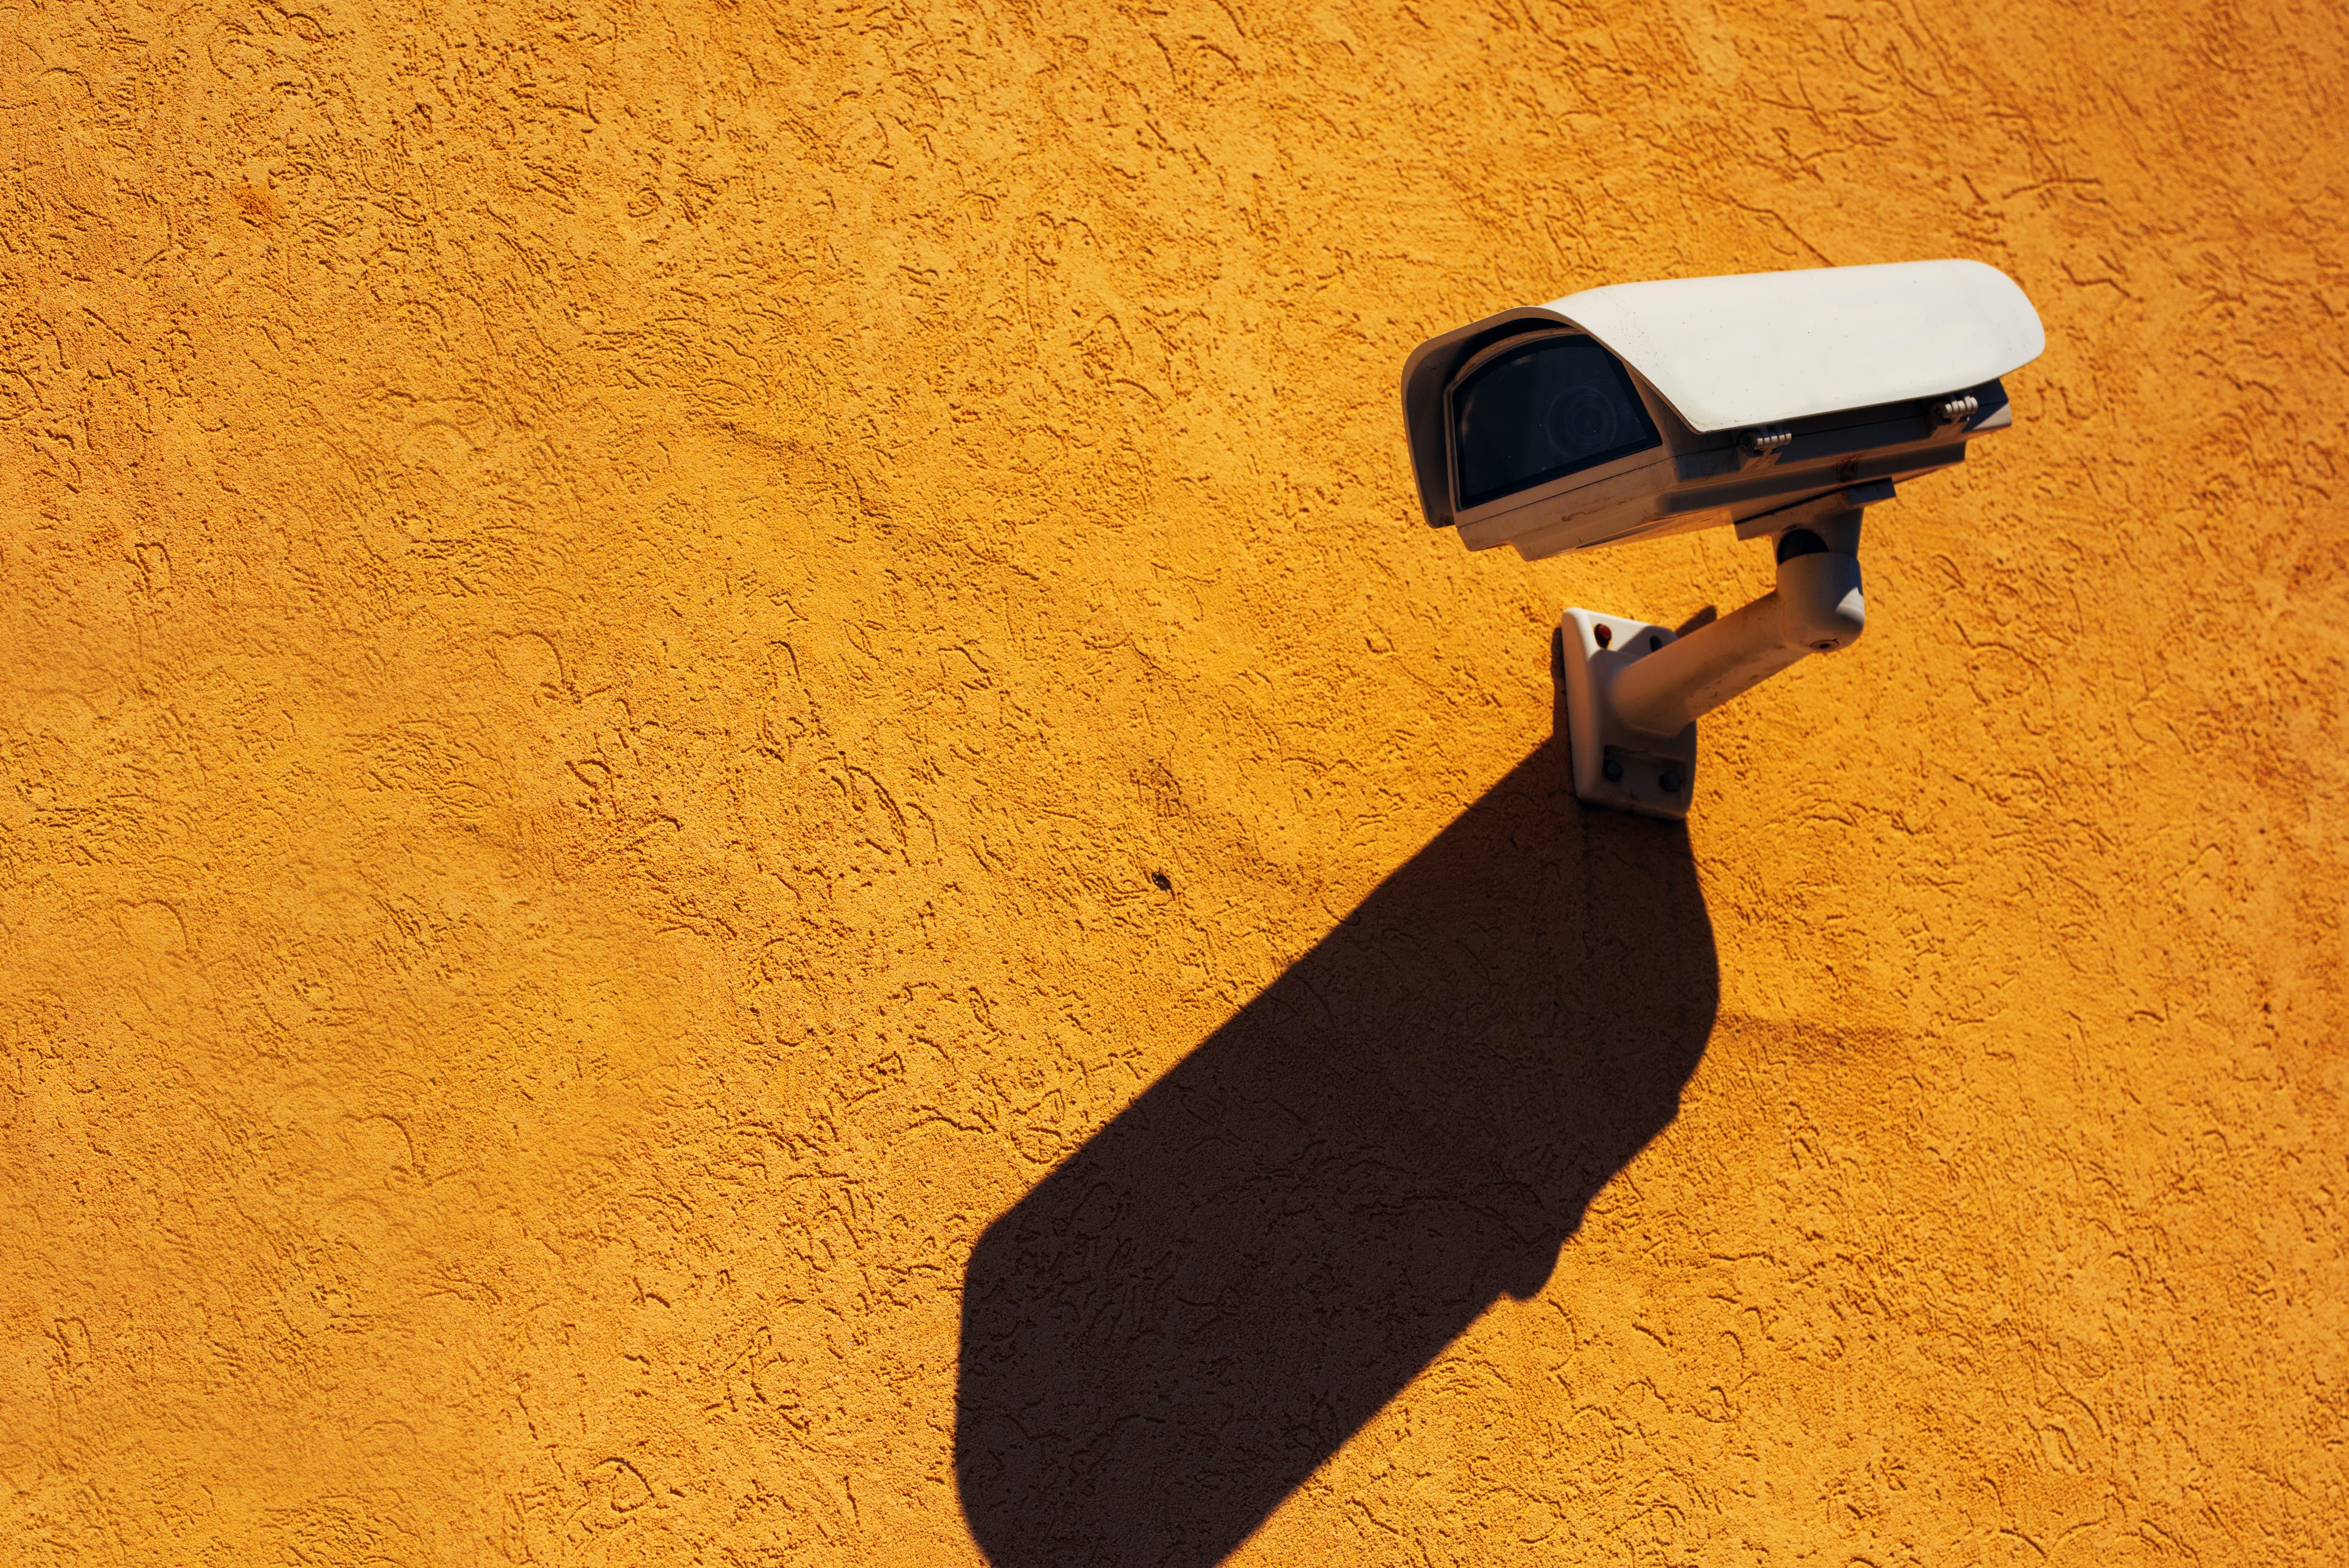 sistema de seguridad negocio, instalar sistema de seguridad negocio, alarma en tu negocio, seguridad negocio